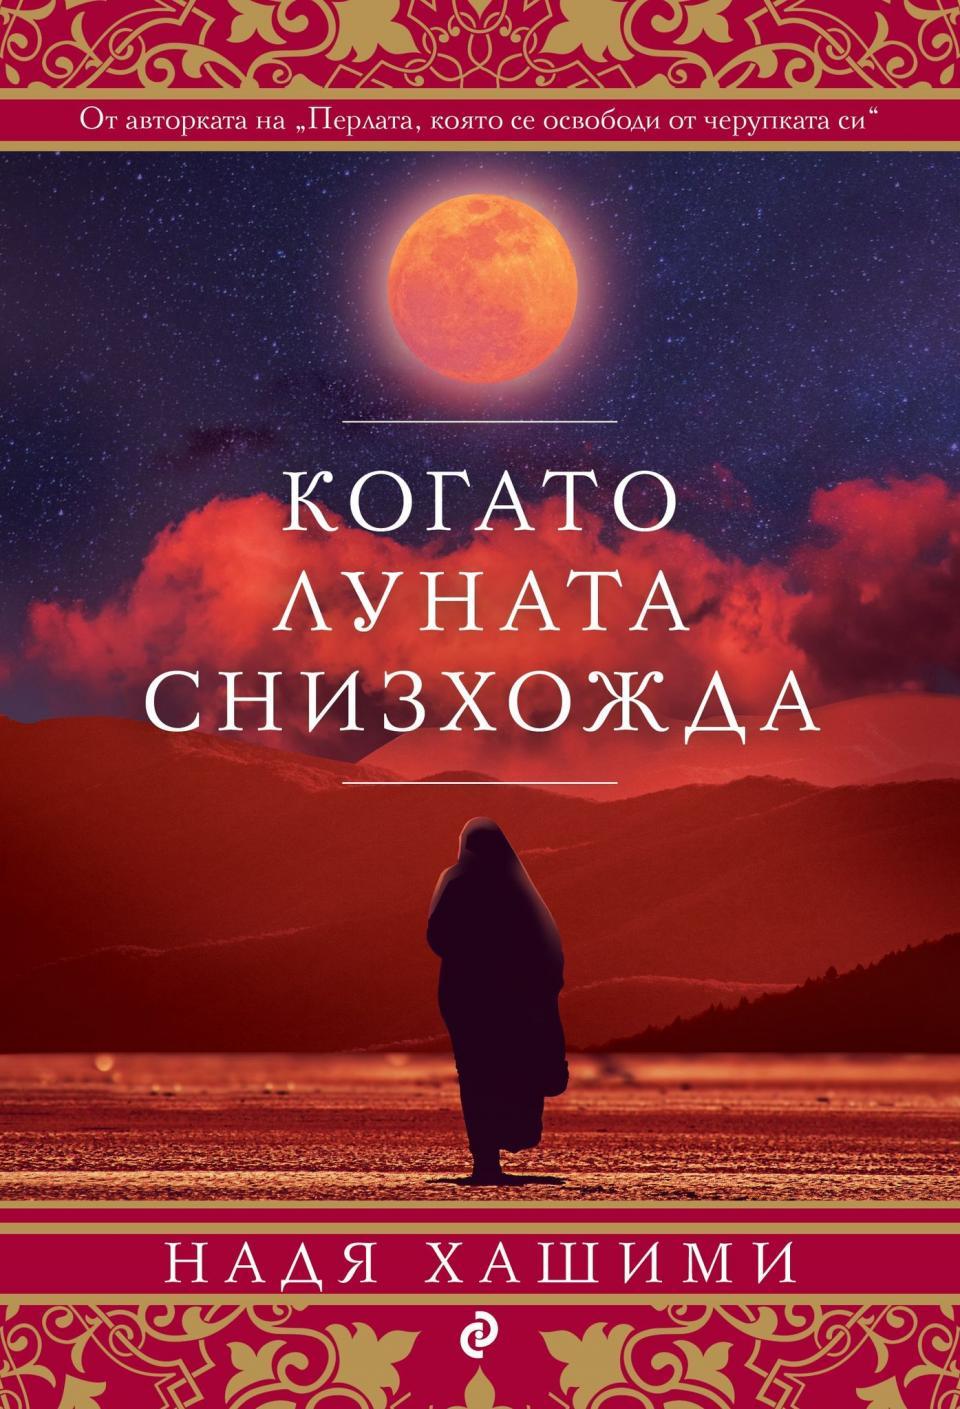 Когато Луната снизхожда книга Ciela